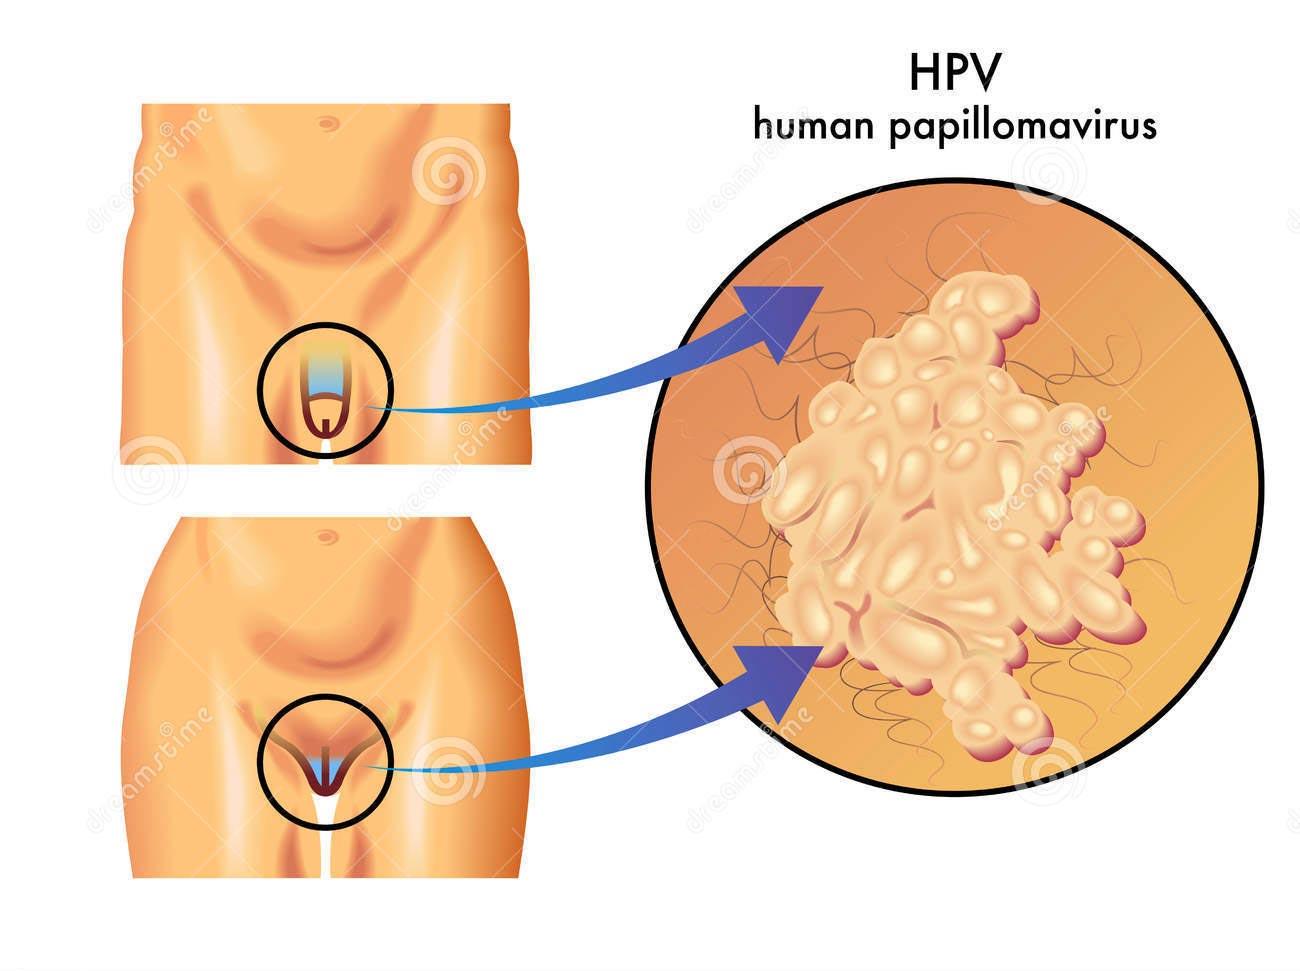 sintomi da papilloma virus nelluomo